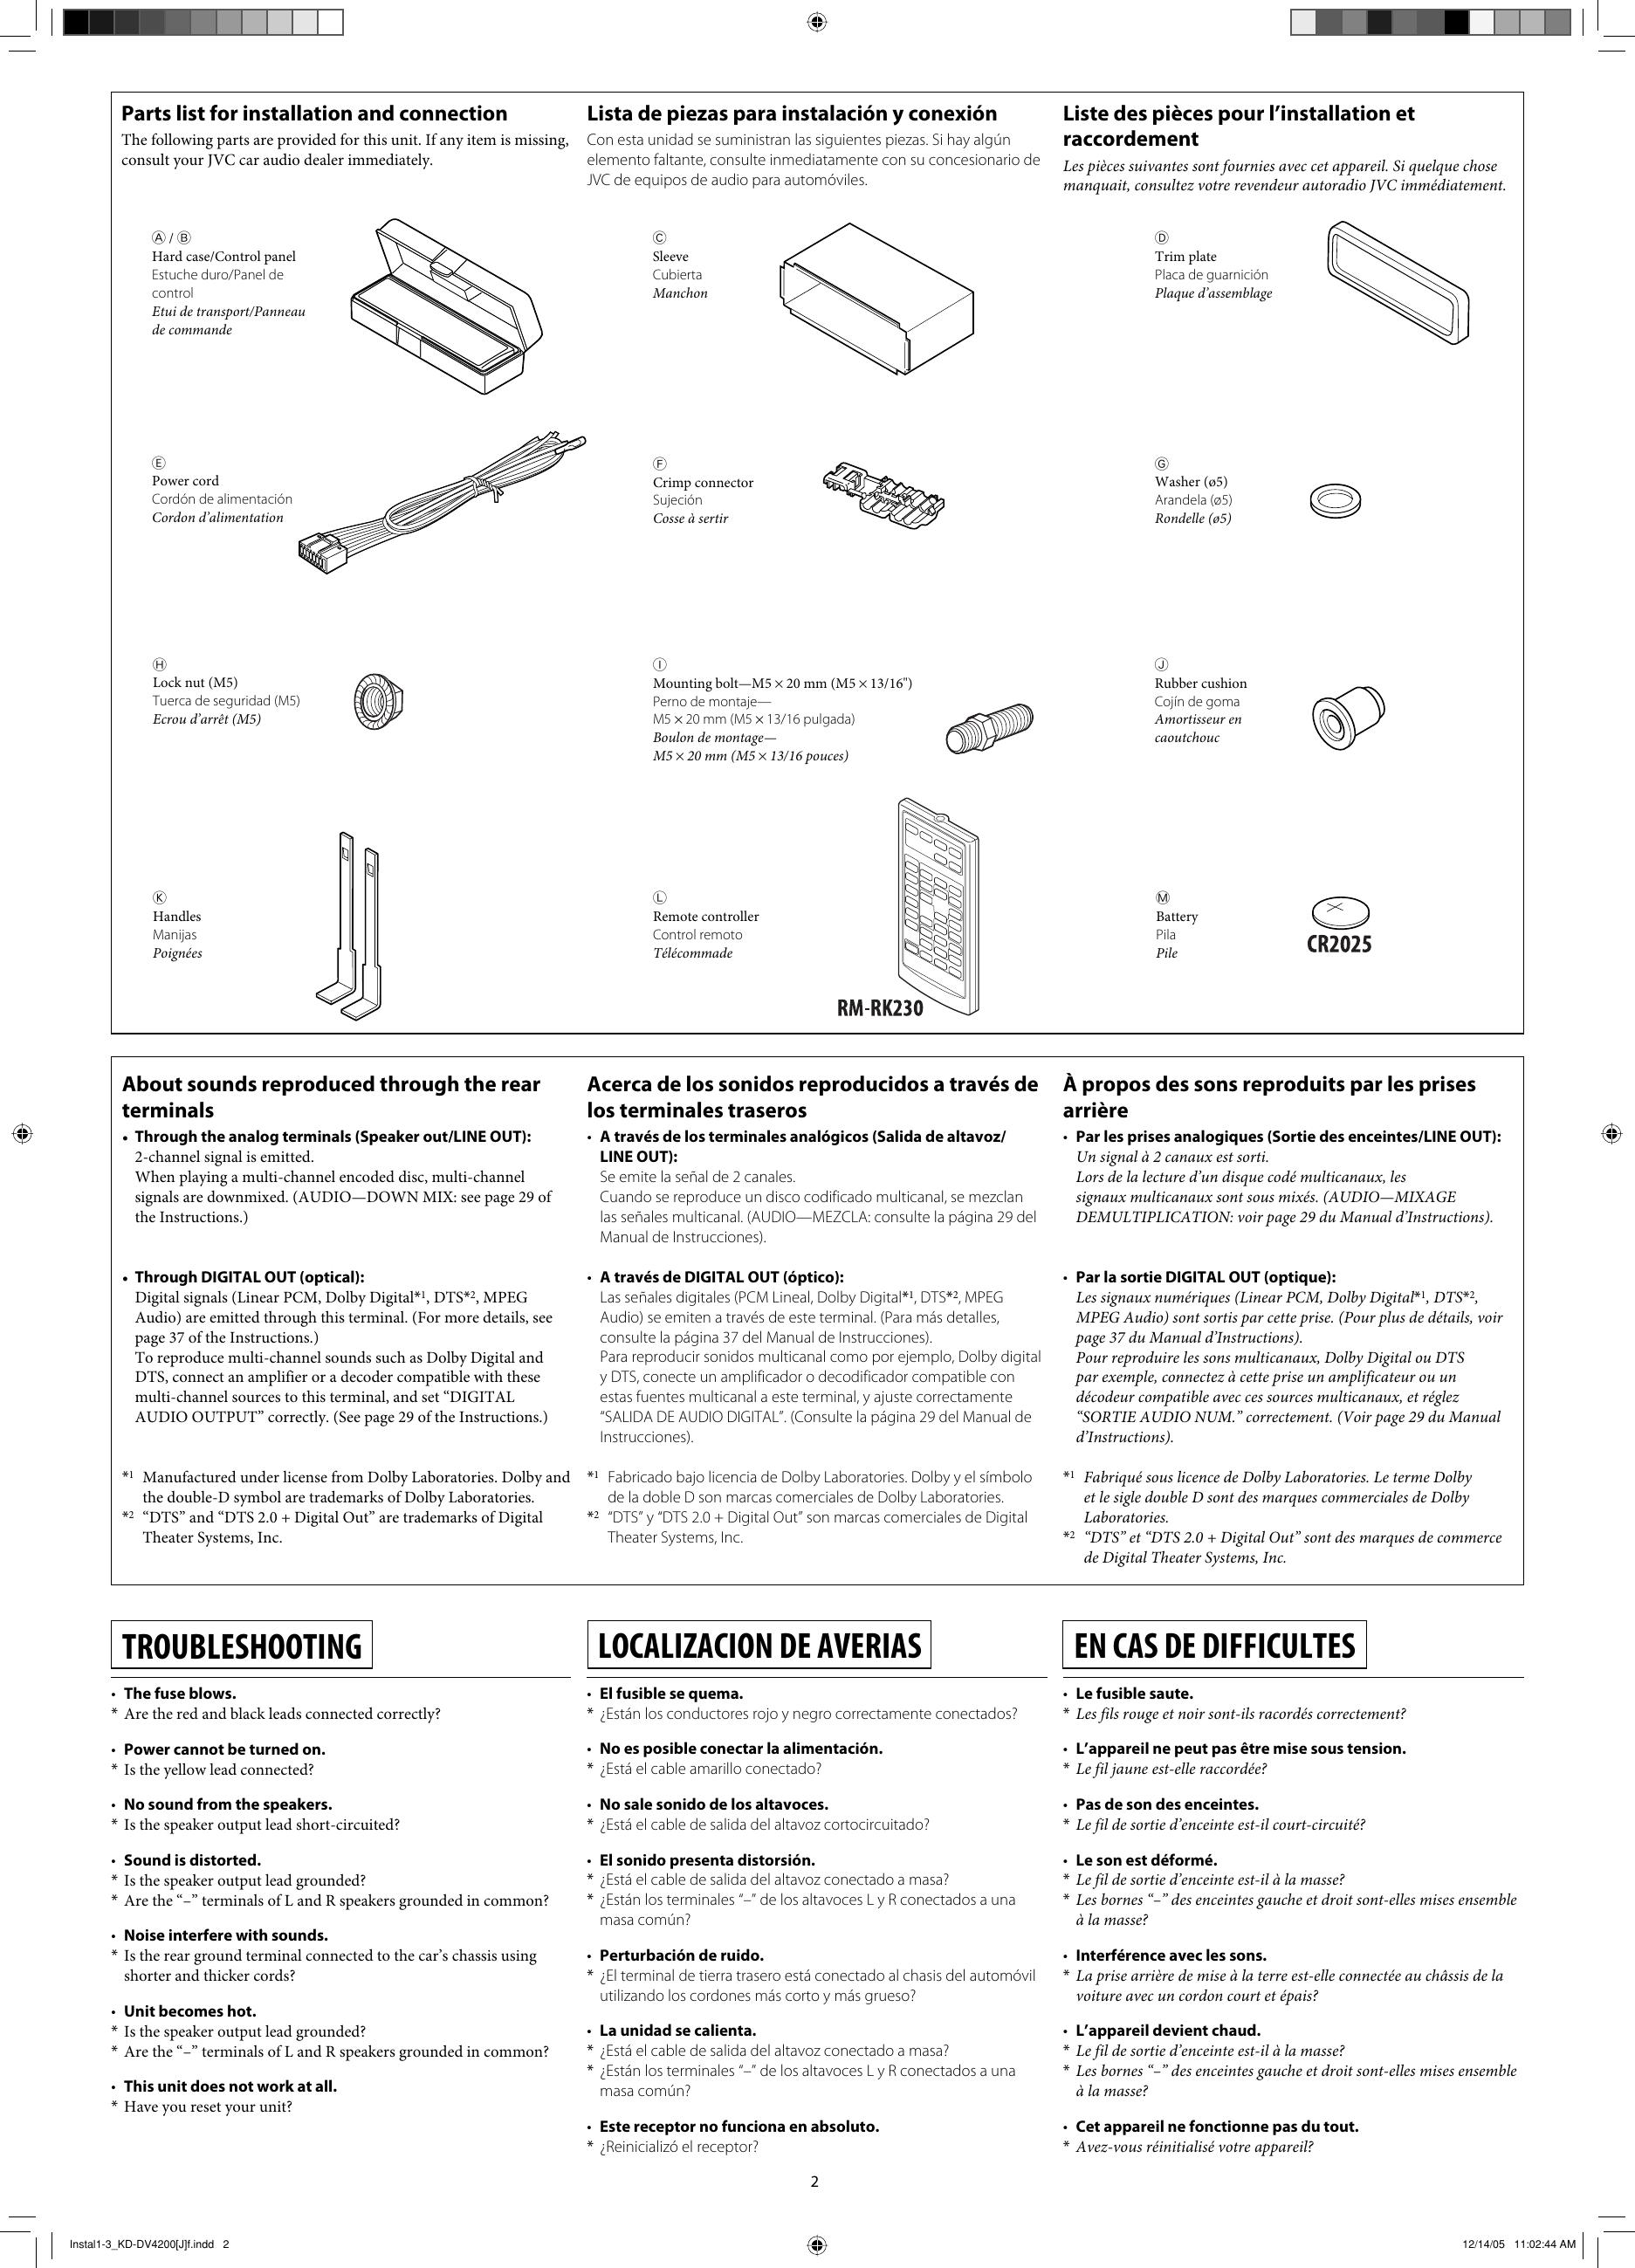 Jvc Kd Dv4200 Installation Manual Instal1 3_KD DV4200[J]f